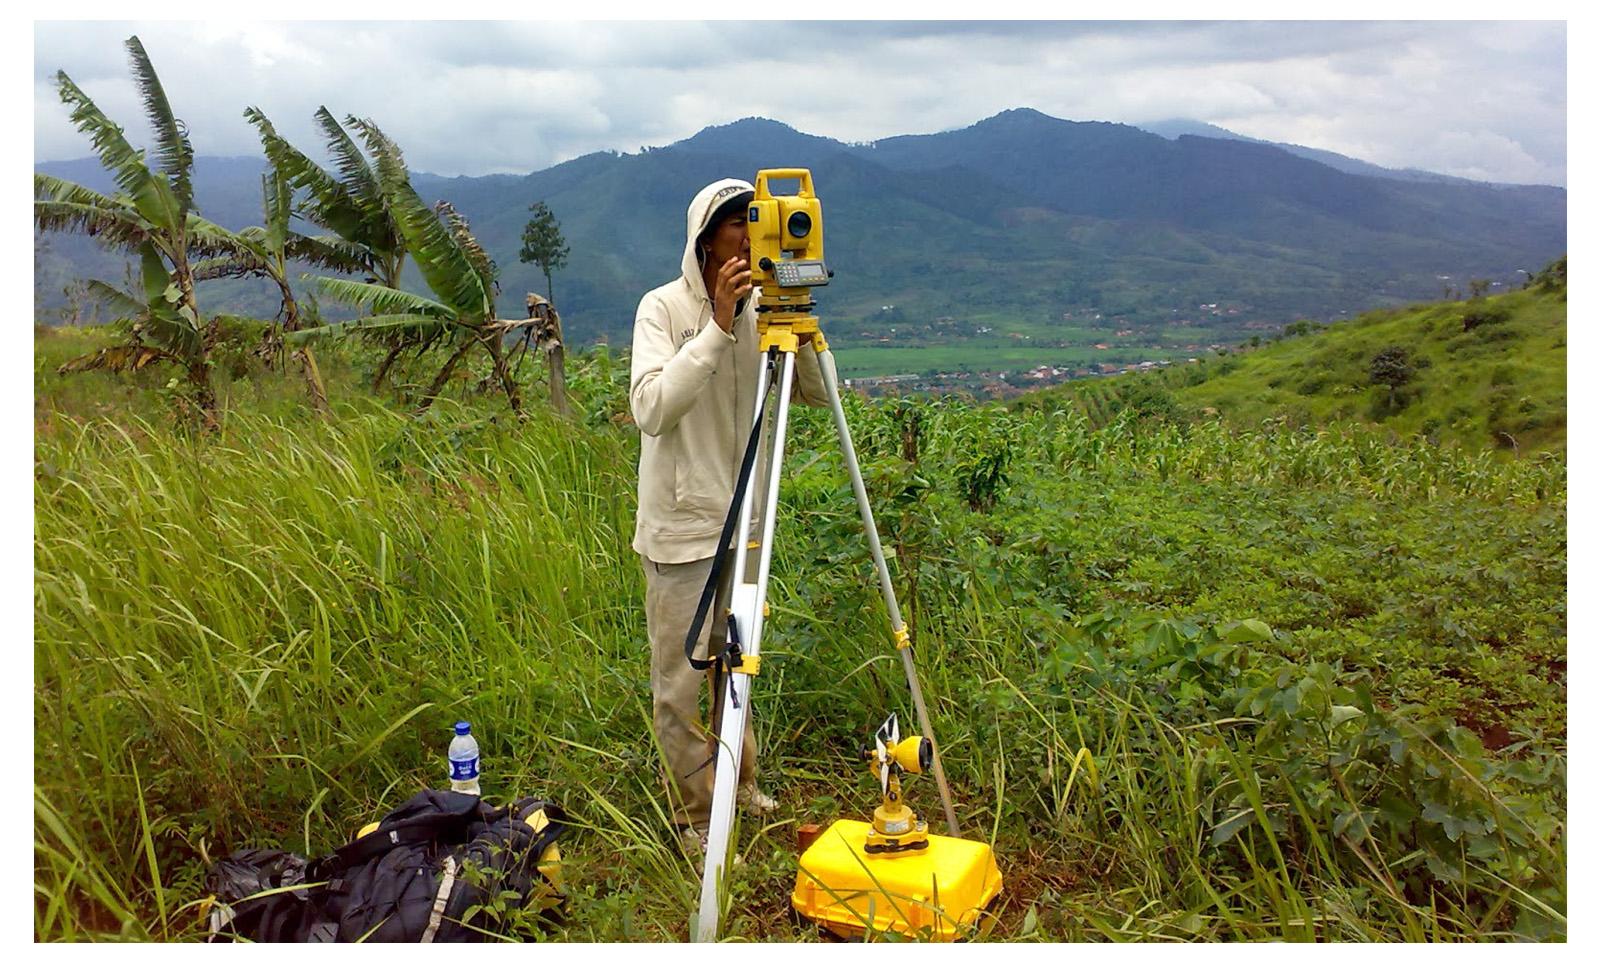 Jasa Survey Pemetaan Dan Topografi Jogja 1 Jasa Pengeboran Tanah Terpercaya